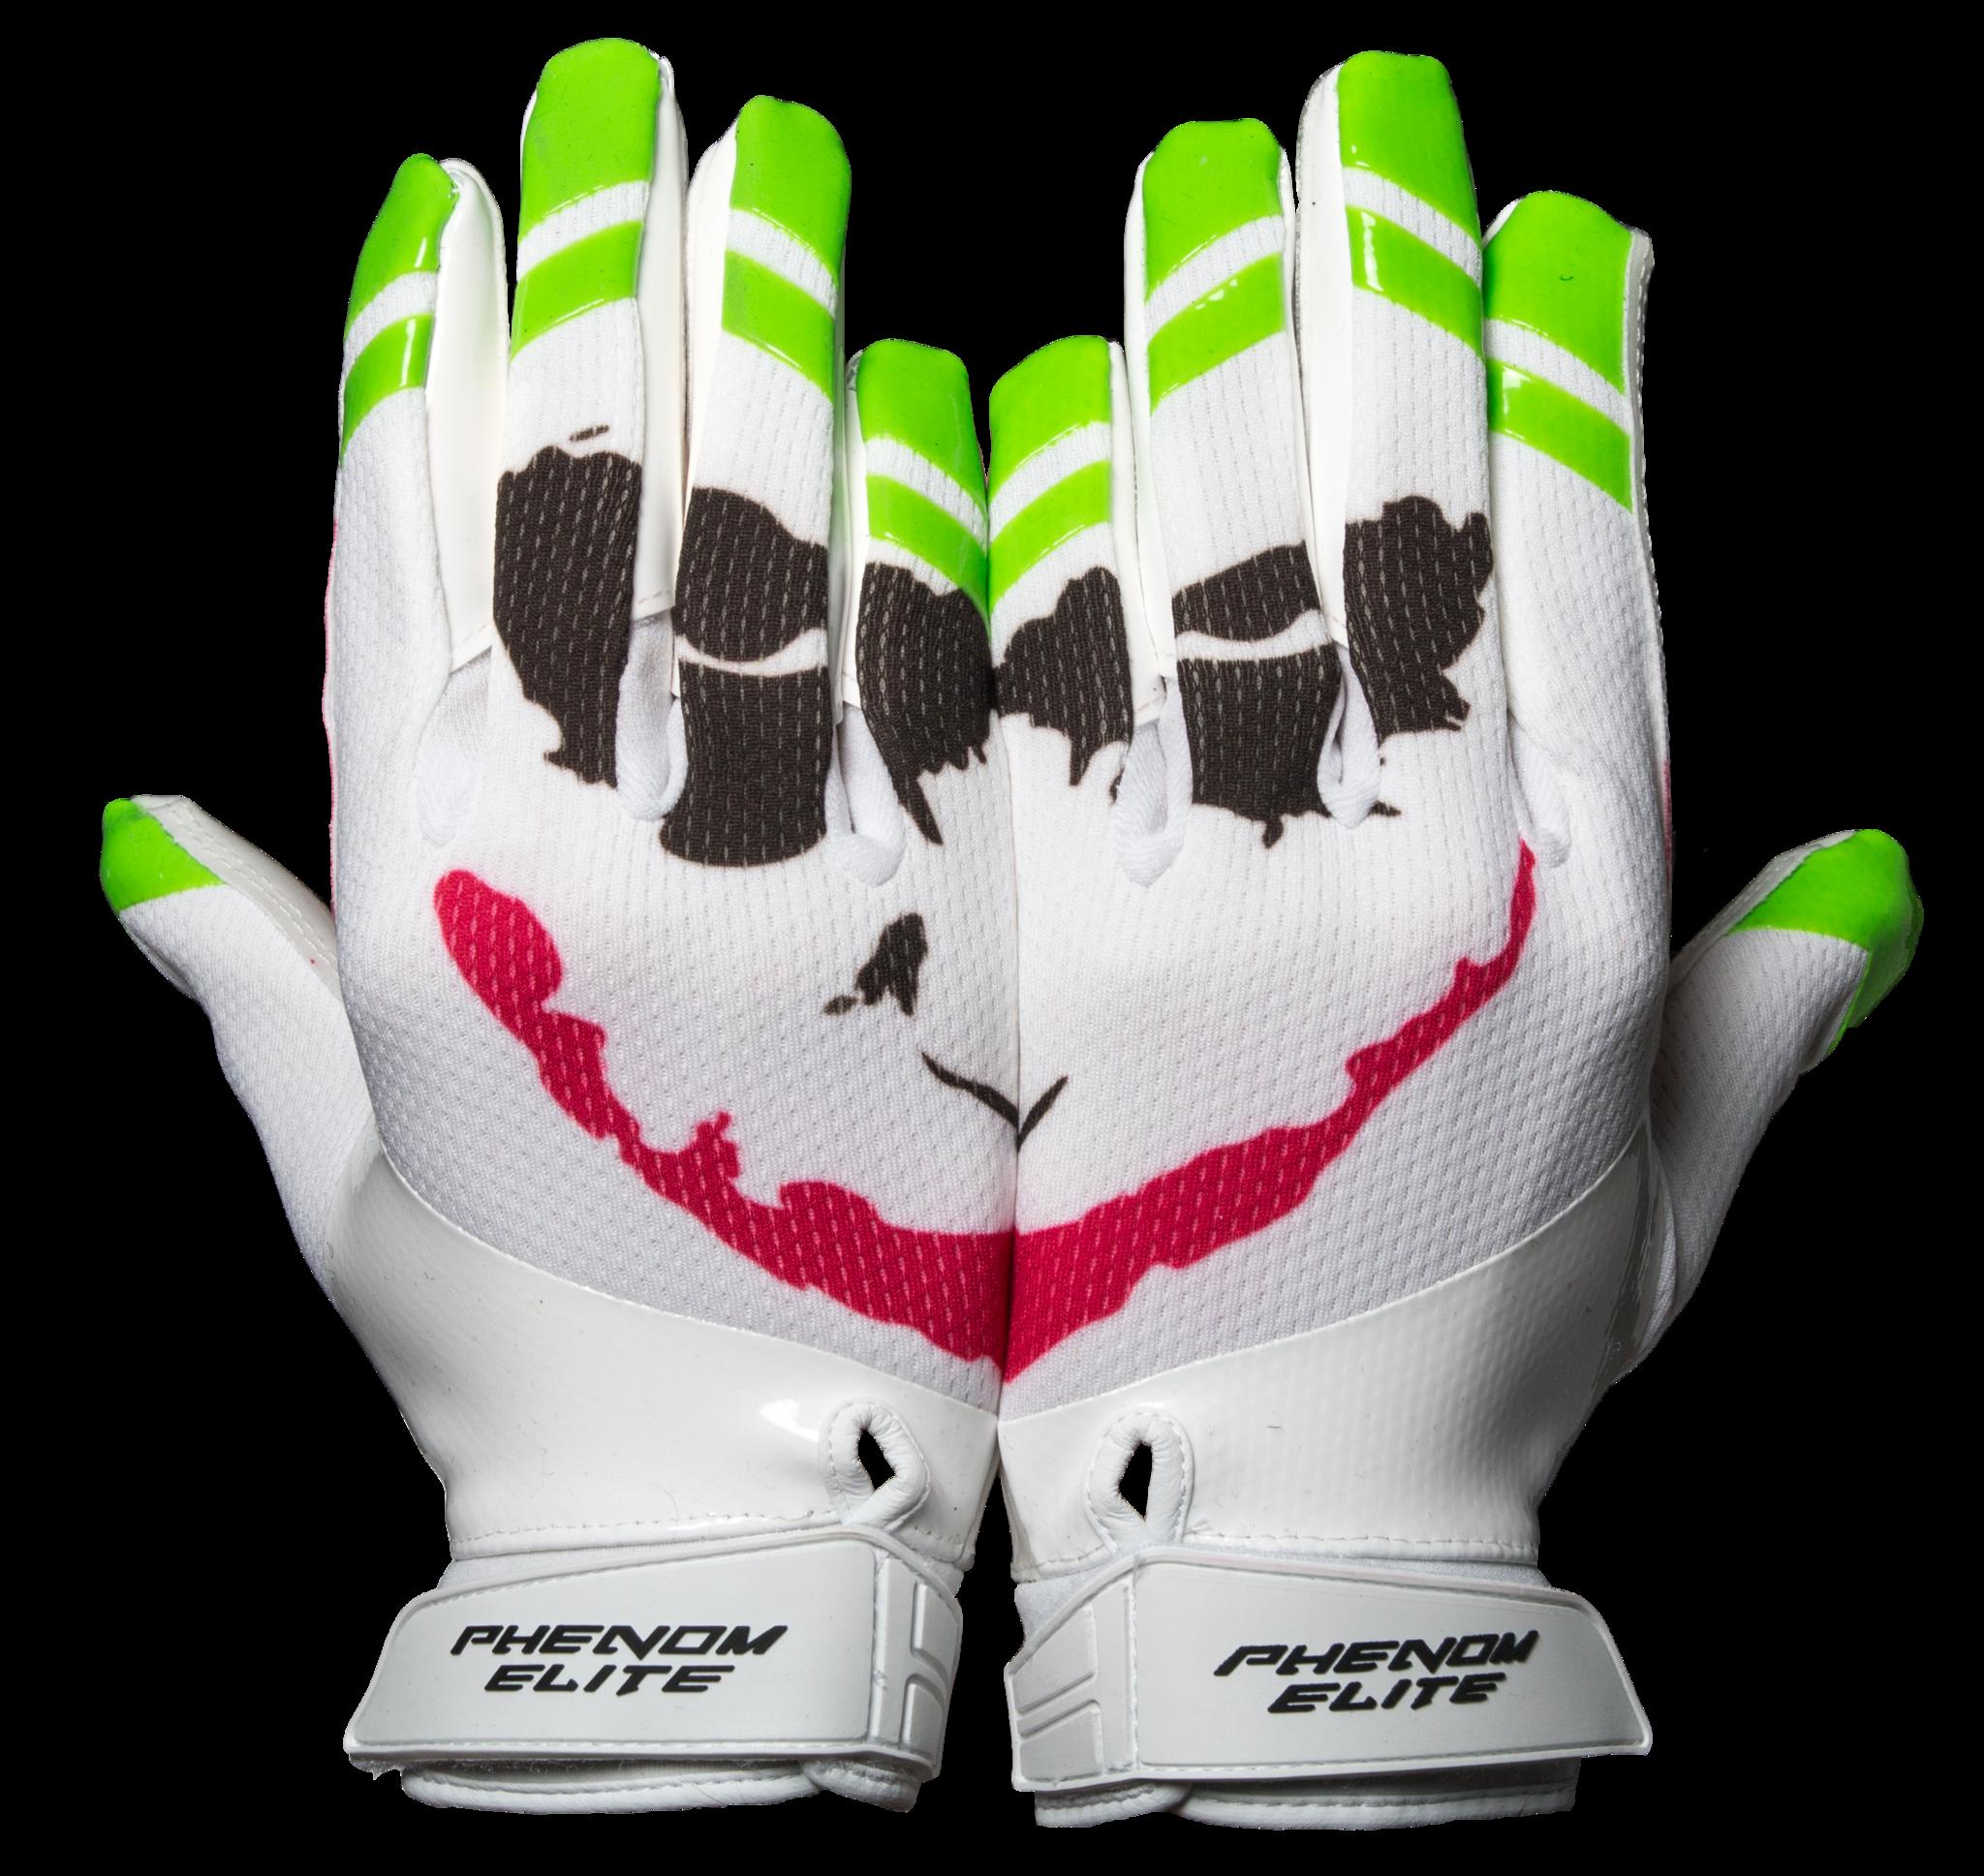 Phenom Elite Villain Football Gloves Vps3 Football Gloves Custom Football Gloves Football Gear